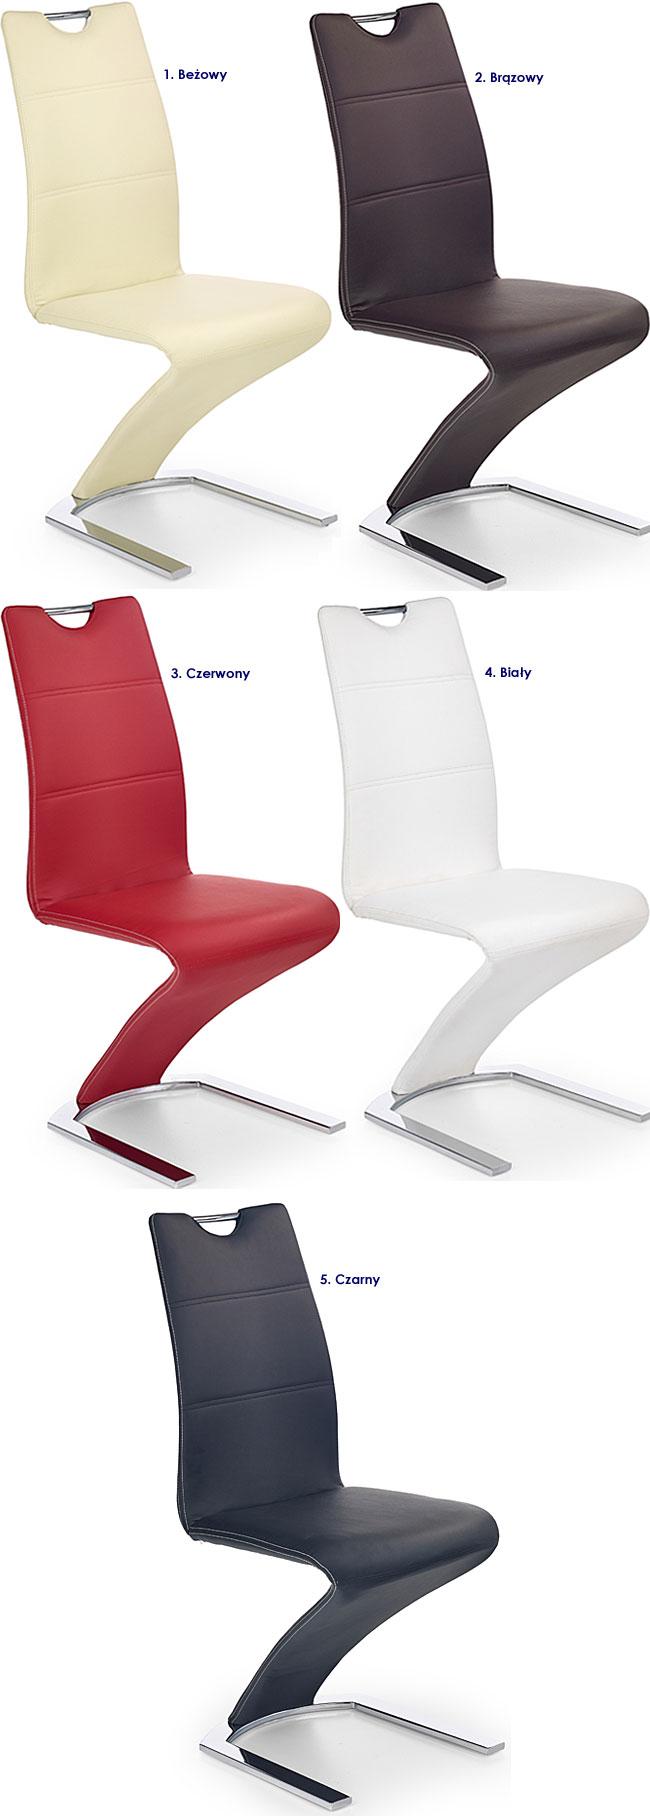 krzesło tapicerowane Yorker